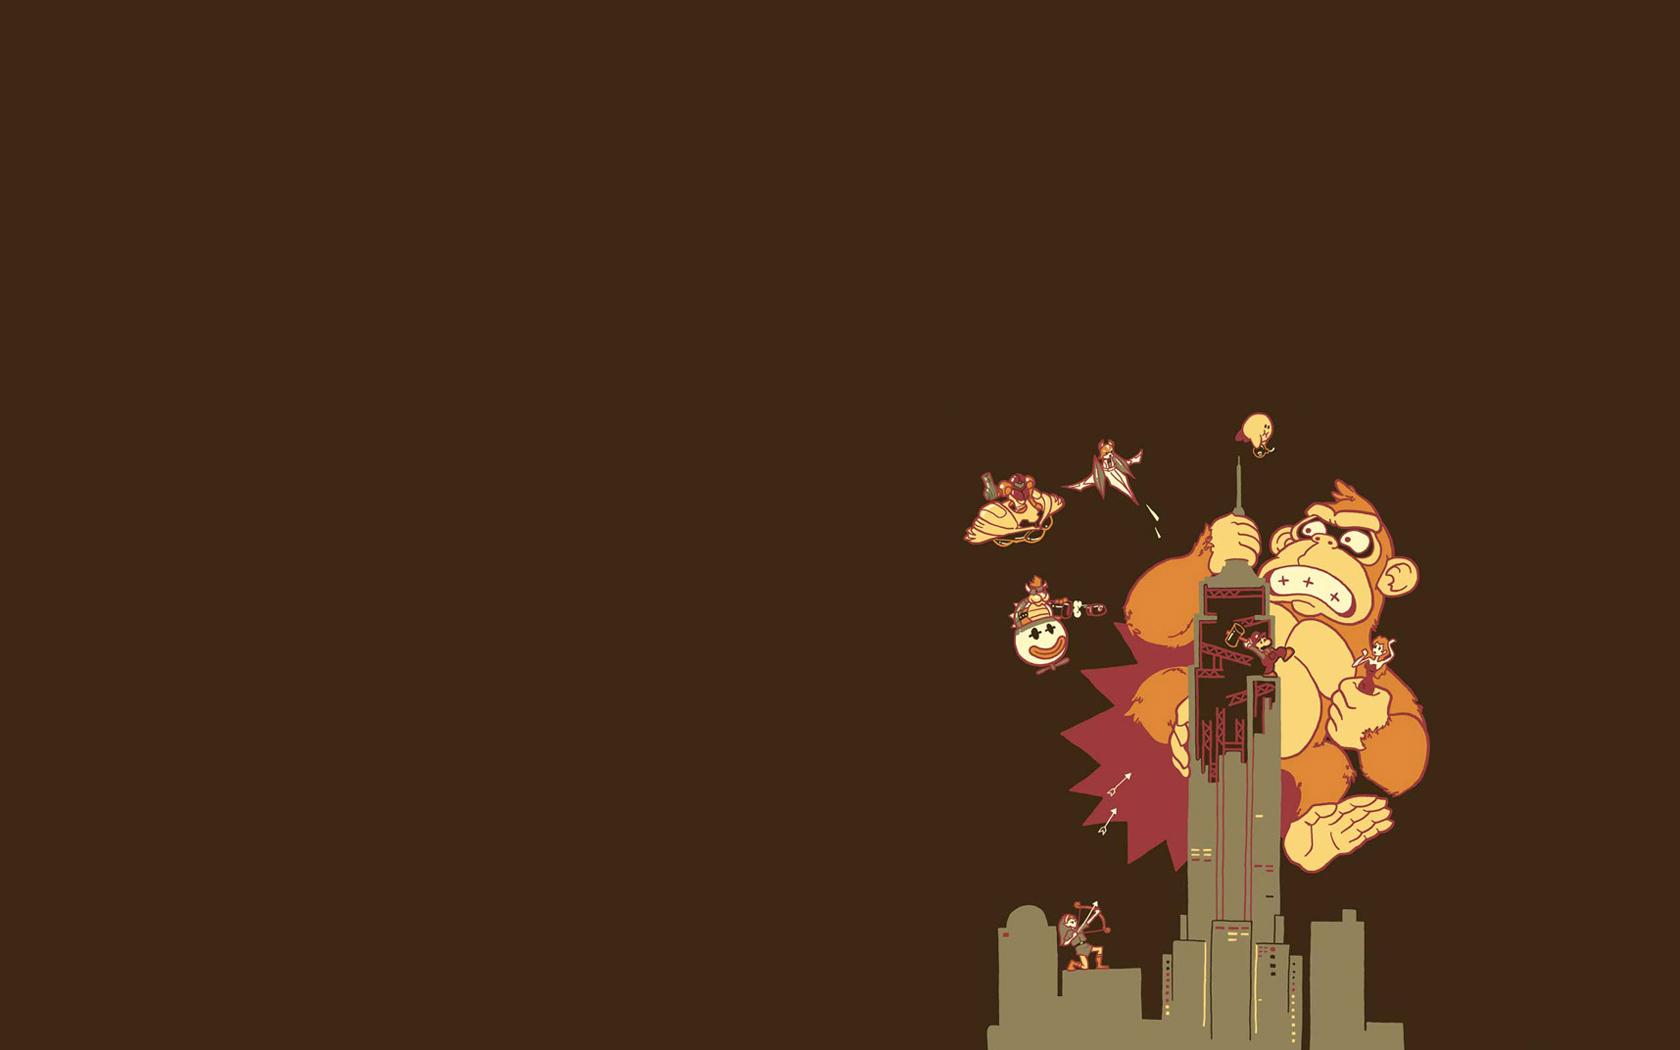 Donkey Kong Fondo De Pantalla And Fondo De Escritorio